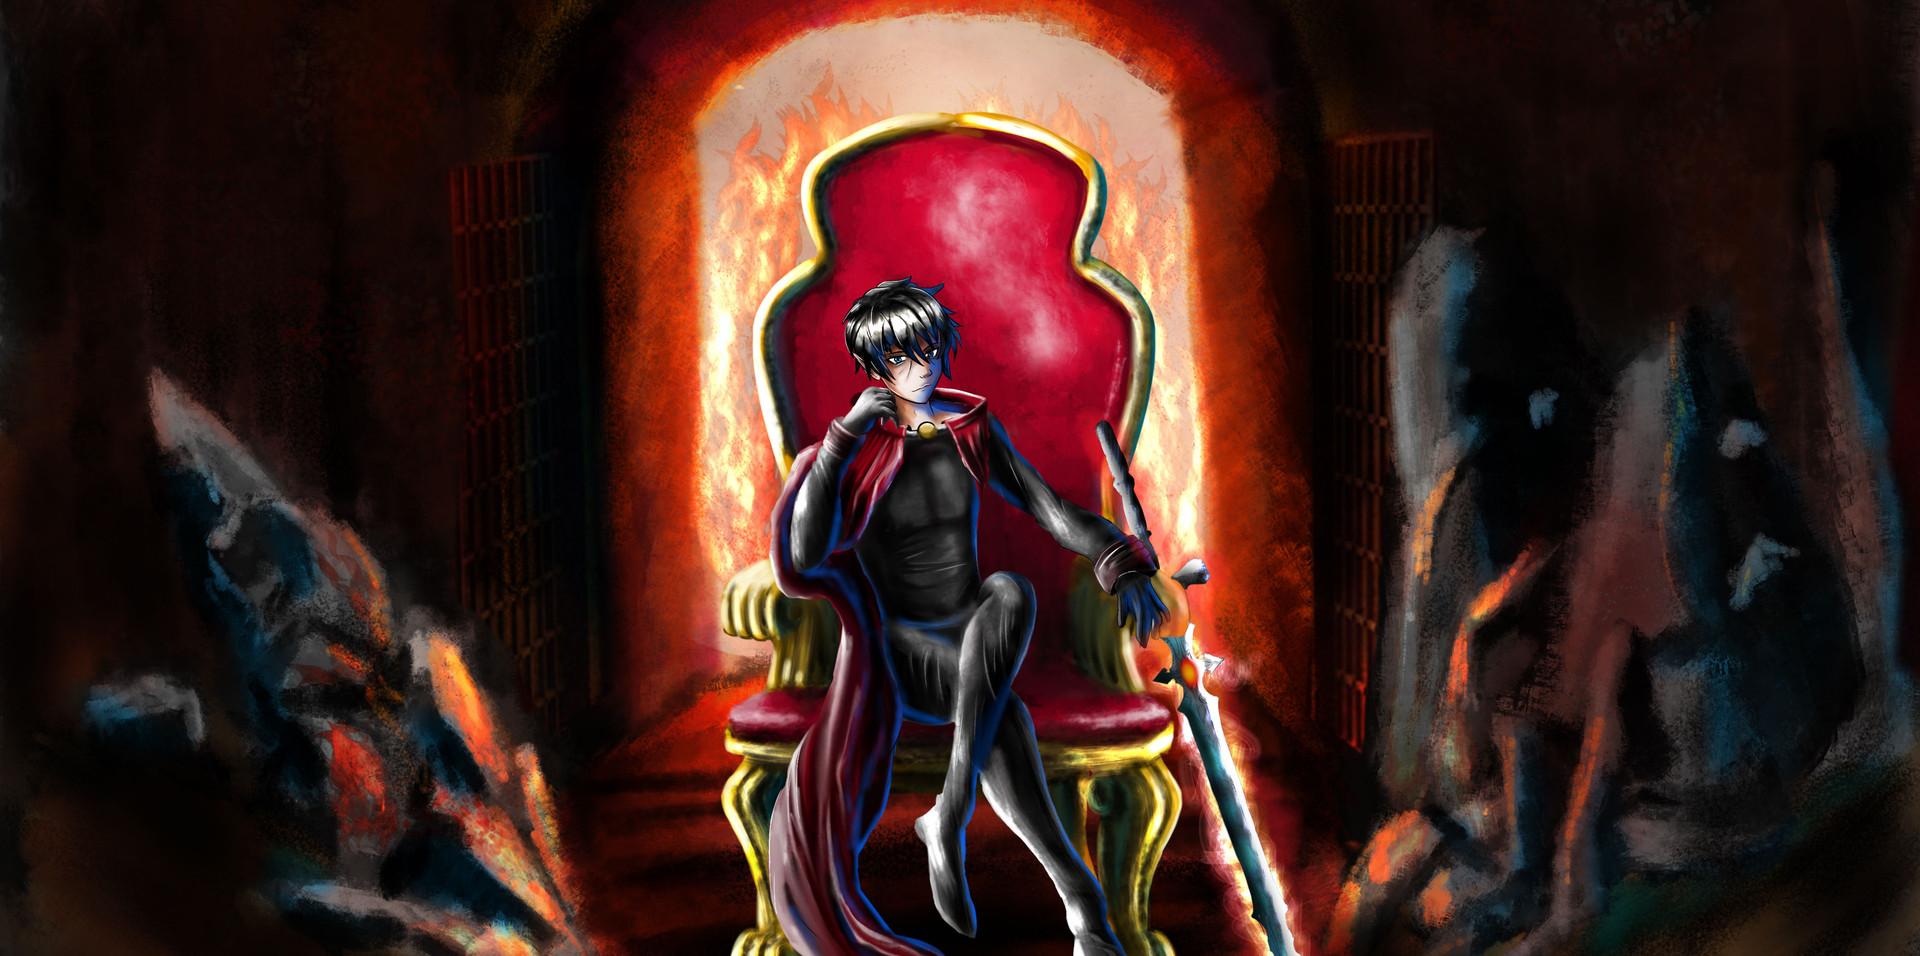 final_rendered_sword.jpg